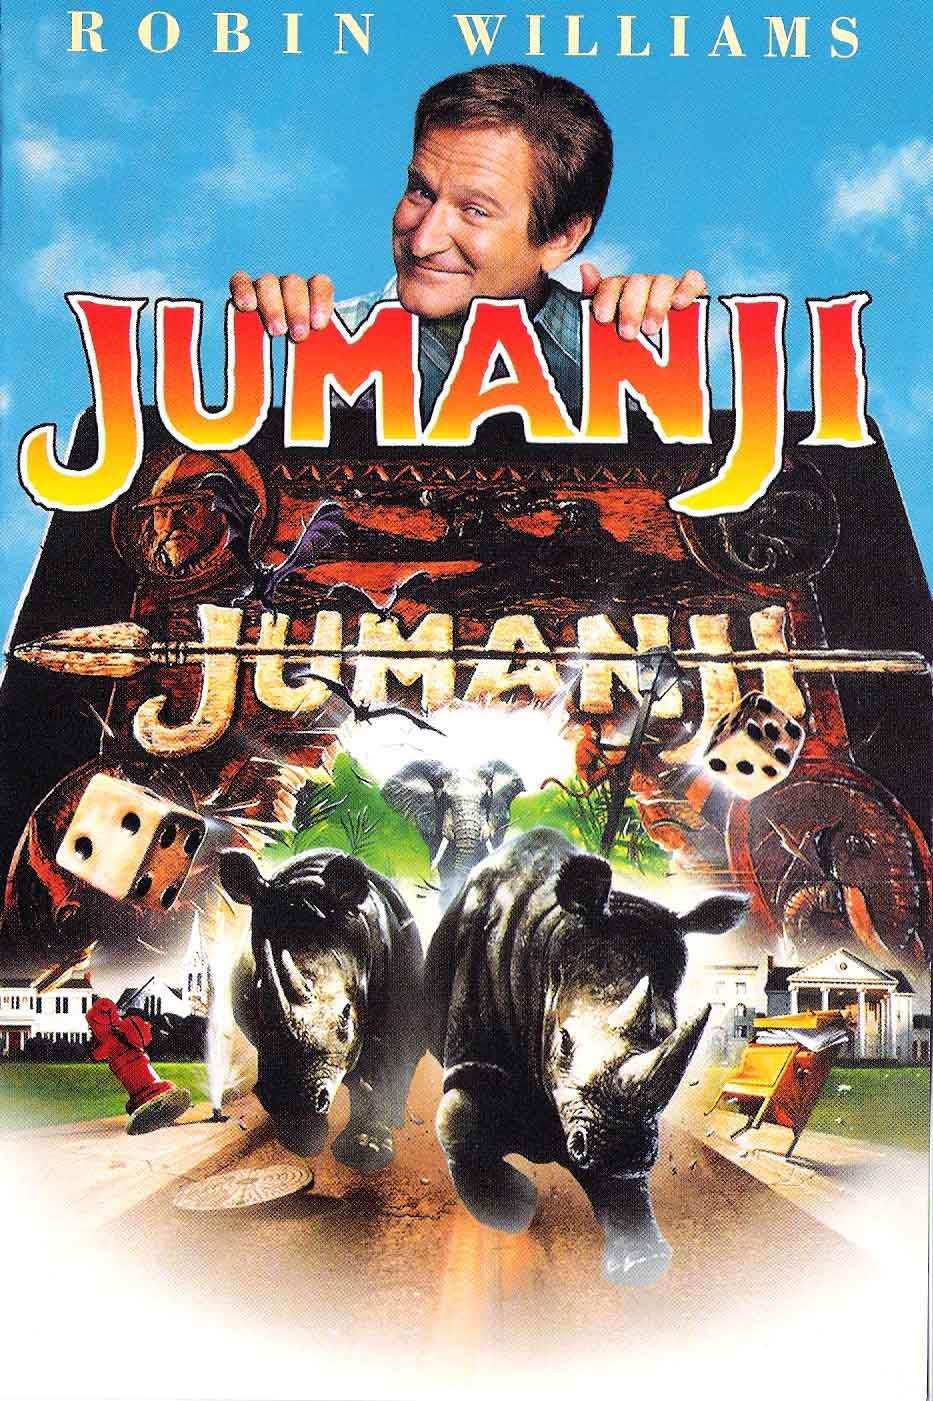 Jumanji, un gioco che sa trasportar chi questo mondo vuol lasciar. Tira i dadi per muovere la pedina, i numeri doppi tirano due volte, e il primo che arriva alla fine vince.